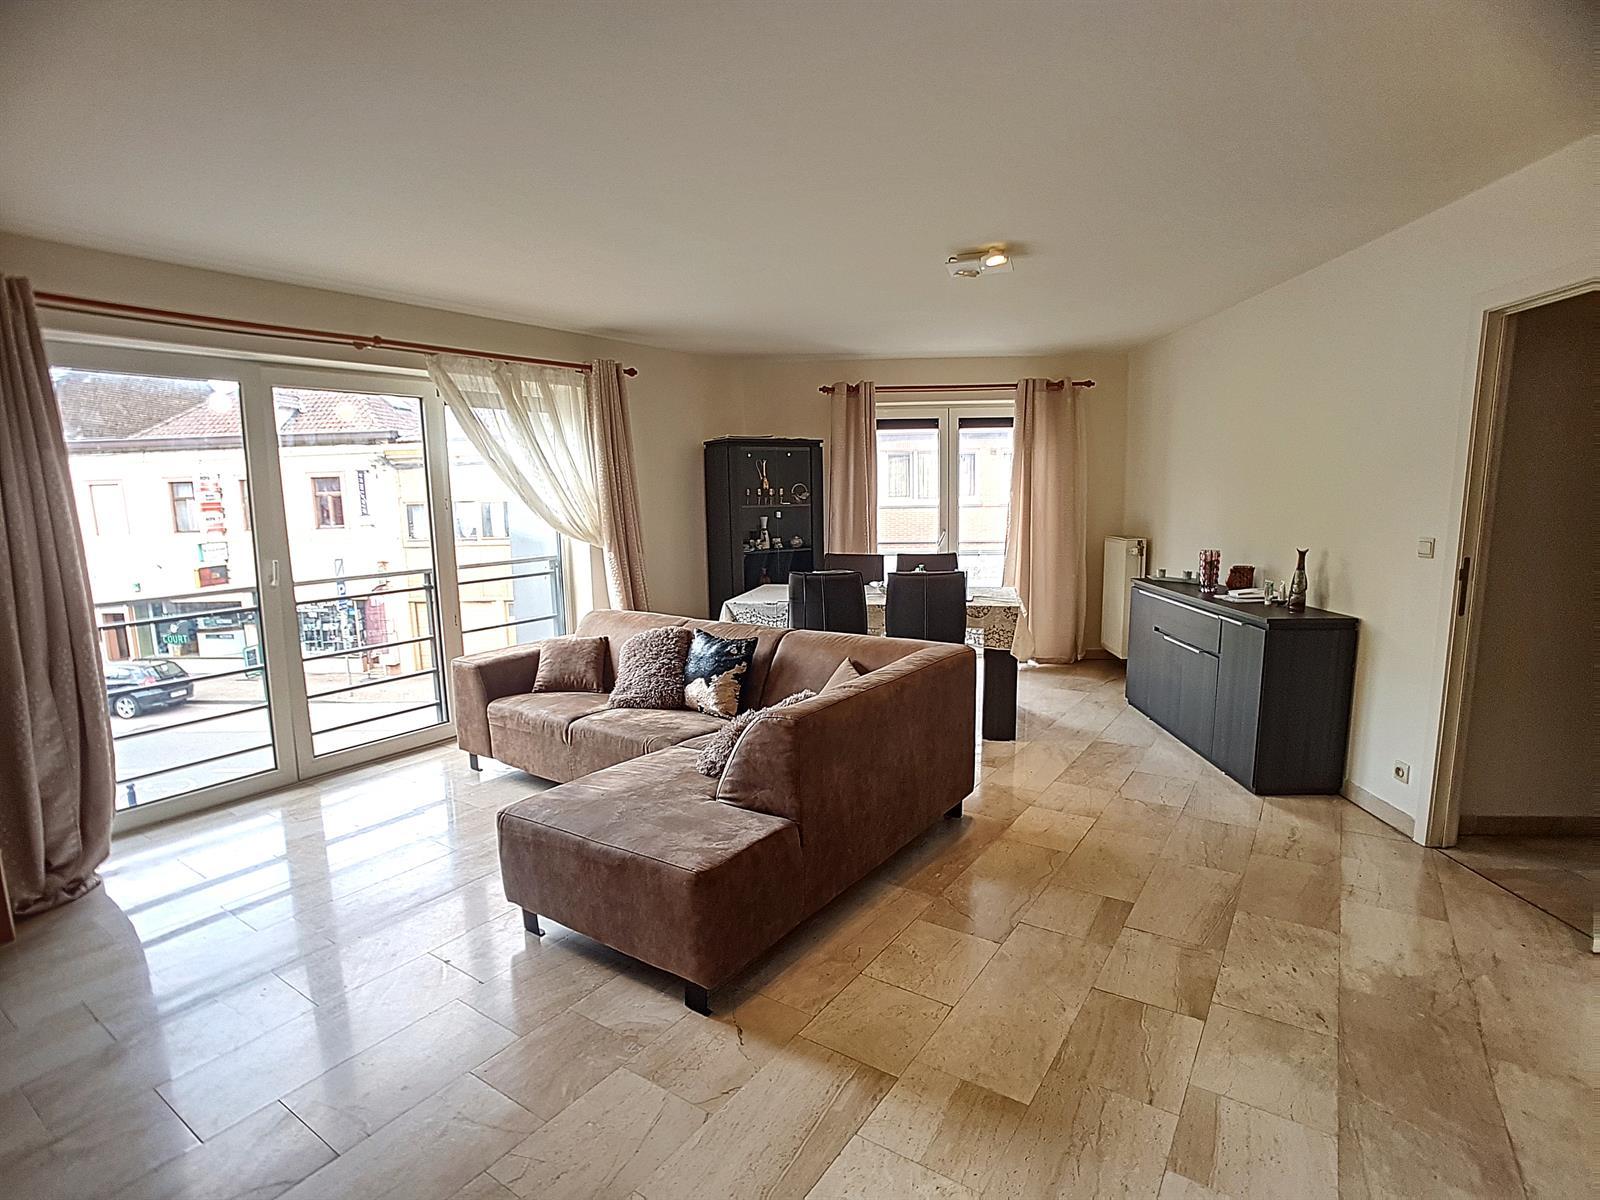 Appartement - Court-St.-Etienne - #3847212-1